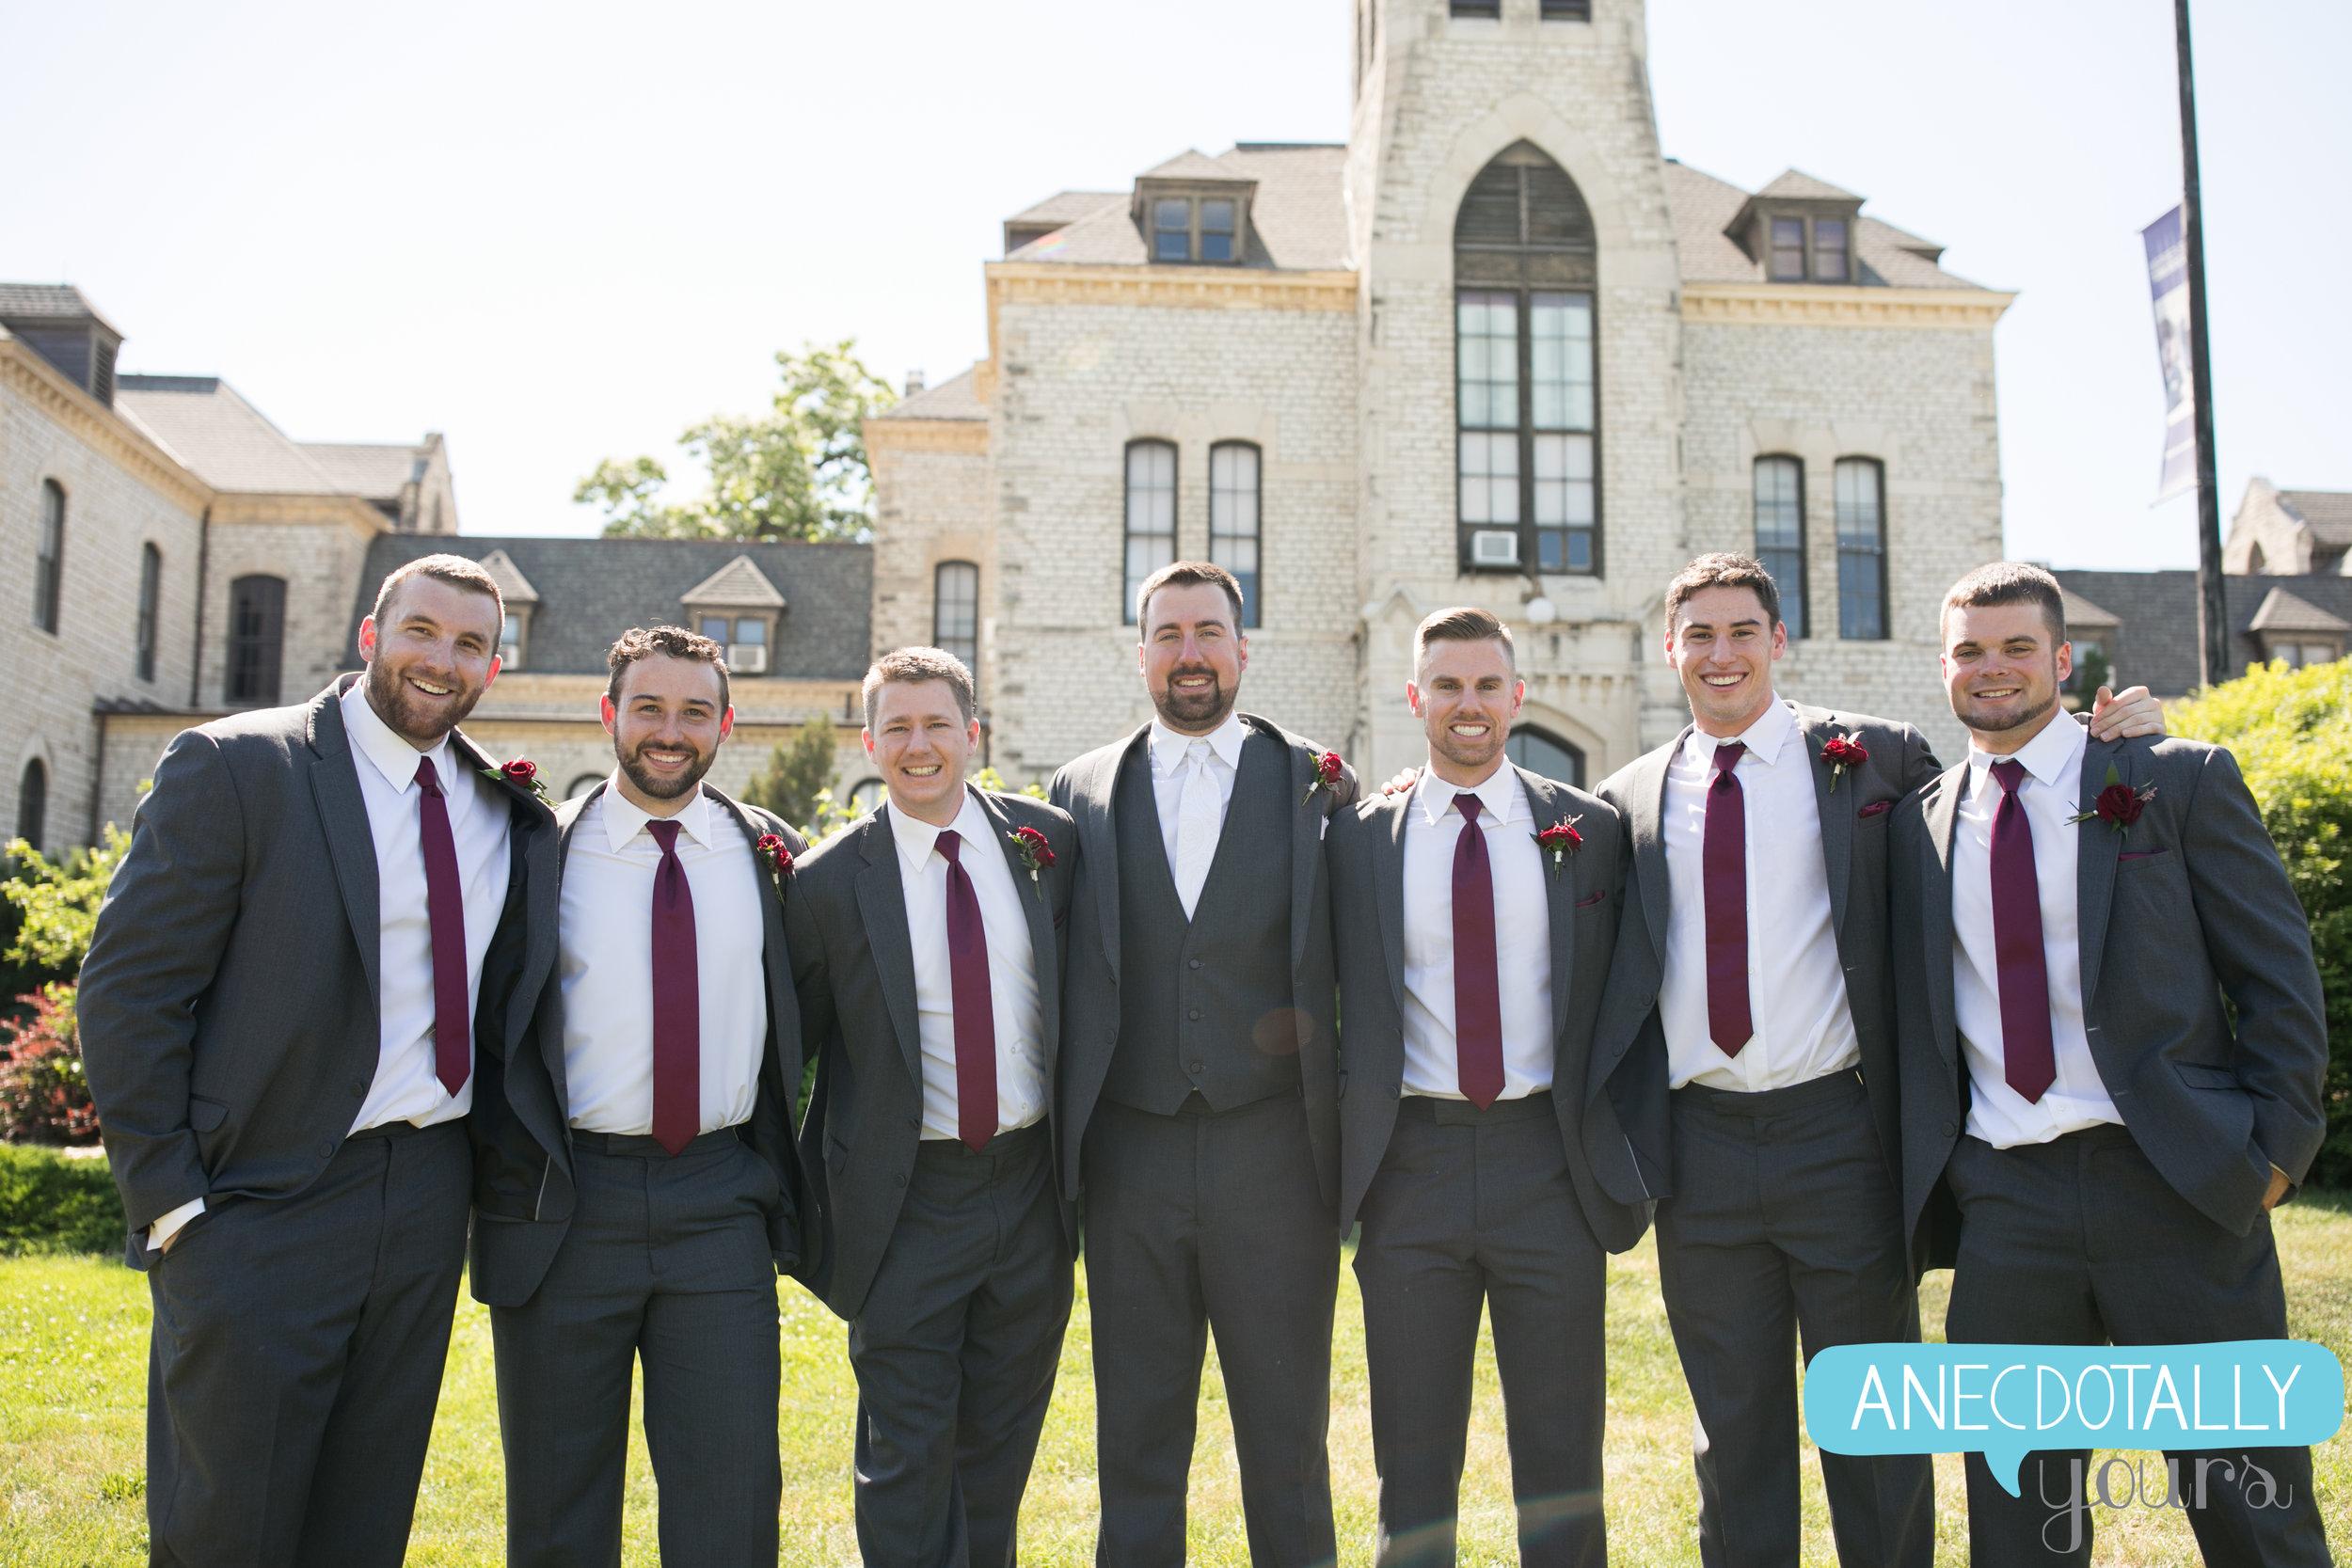 ashley-bryce-wedding-52.jpg